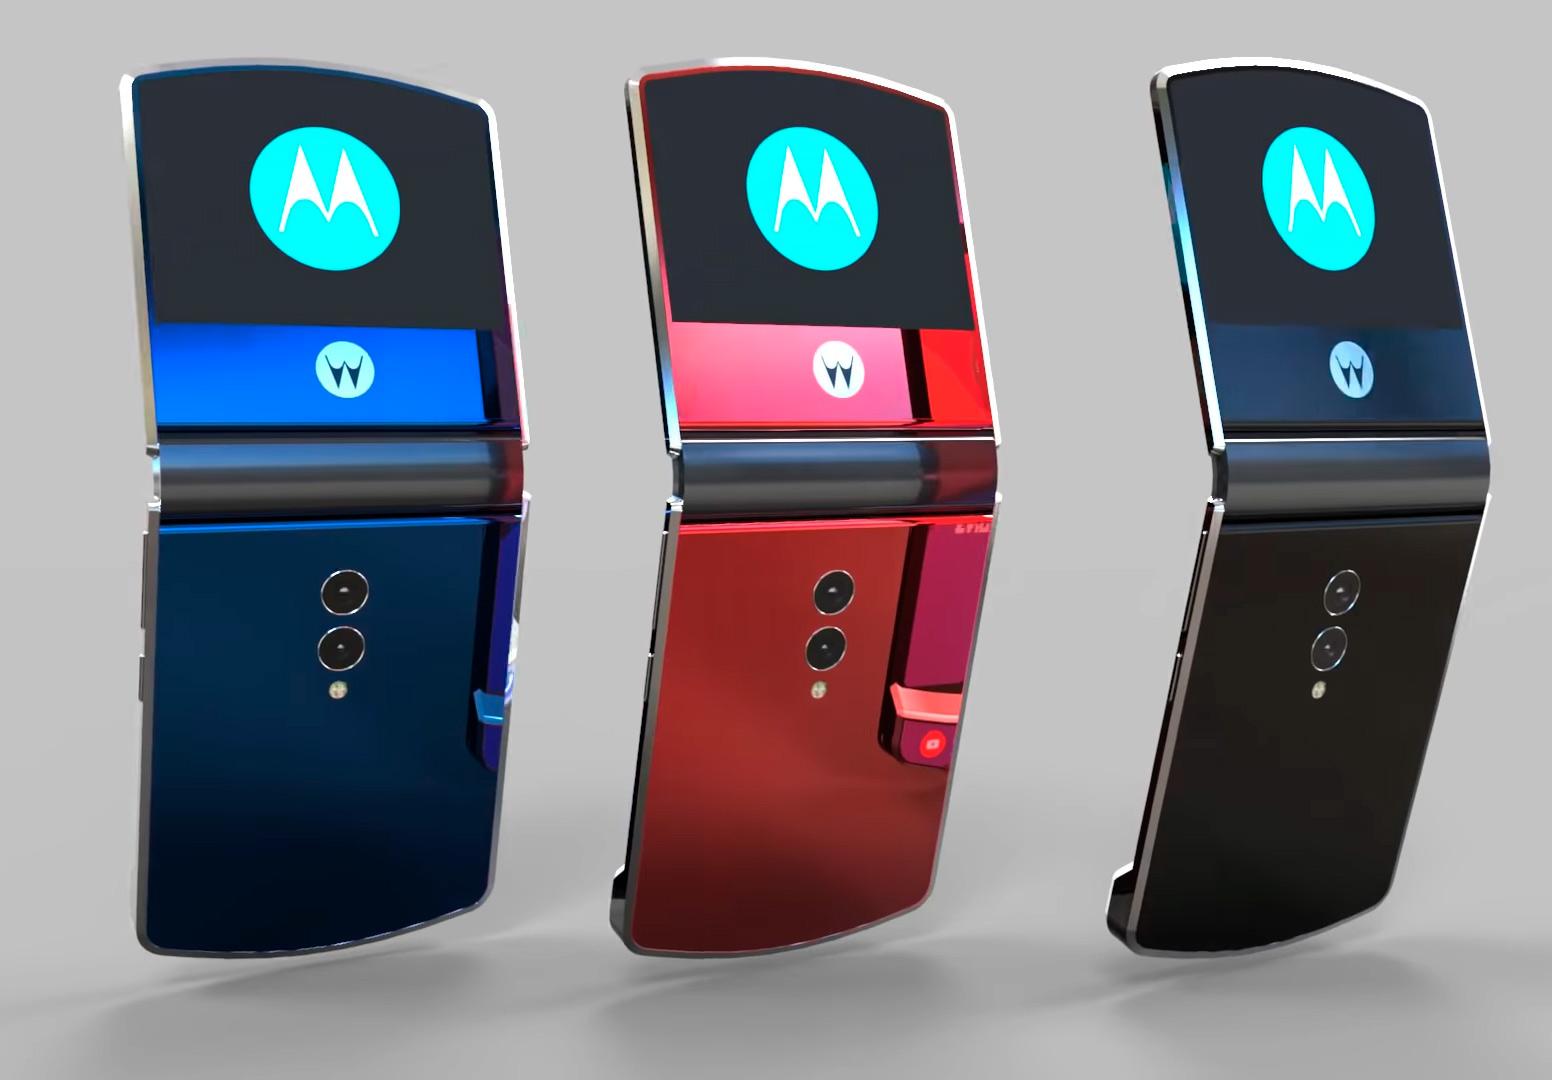 Imágenes sobre el nuevo Motorola Razr  | EL FRENTE